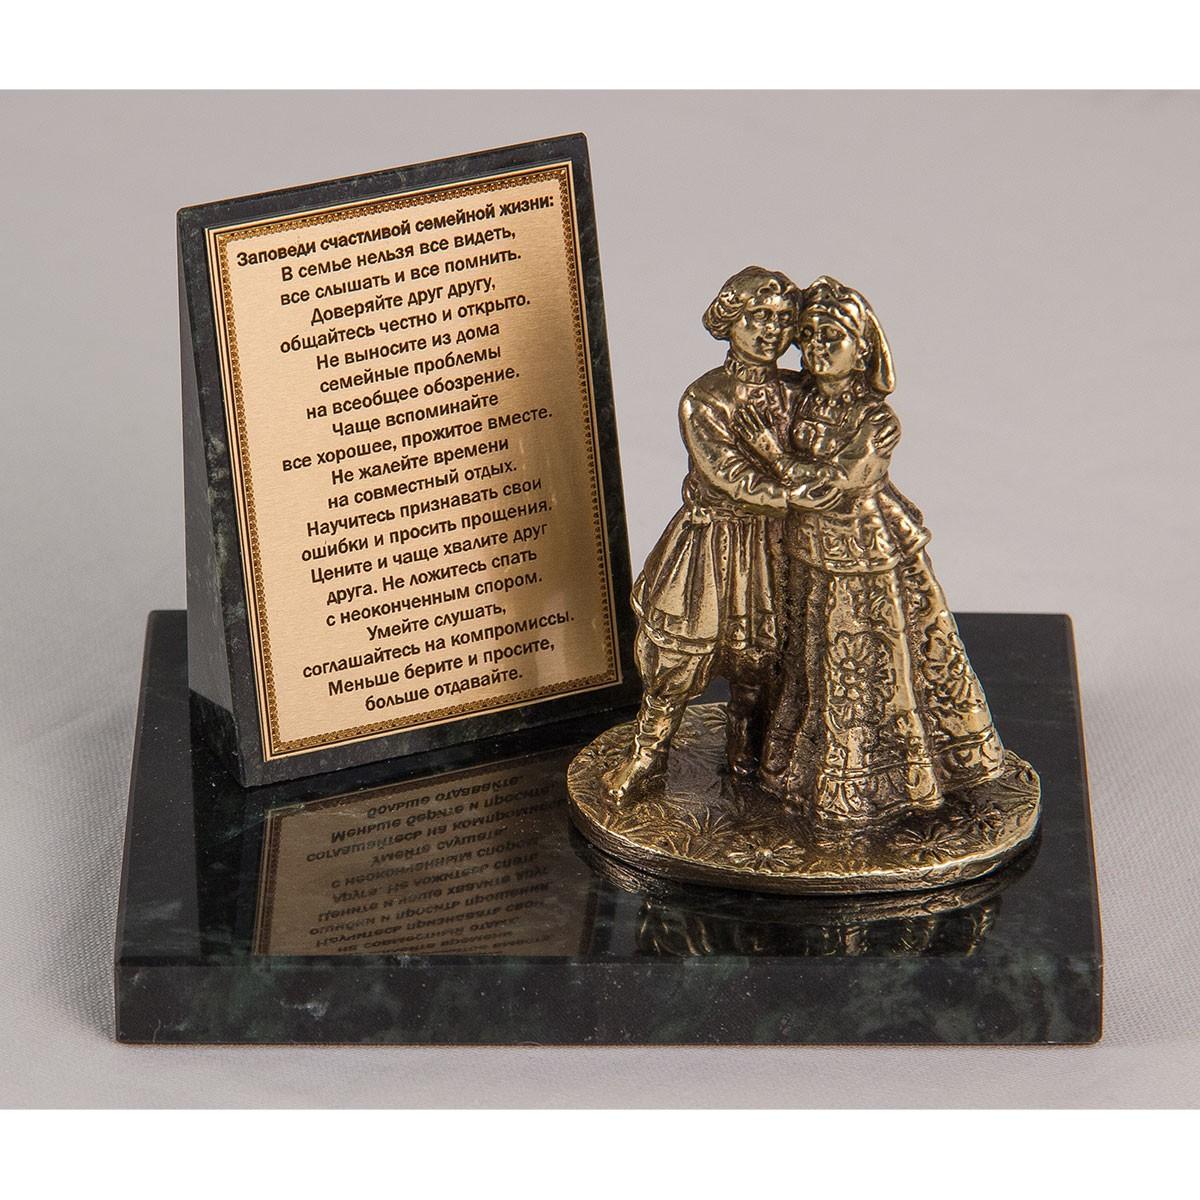 Бронзовая статуэтка «Любовь» с плакеткой «Заповеди семейной жизни»